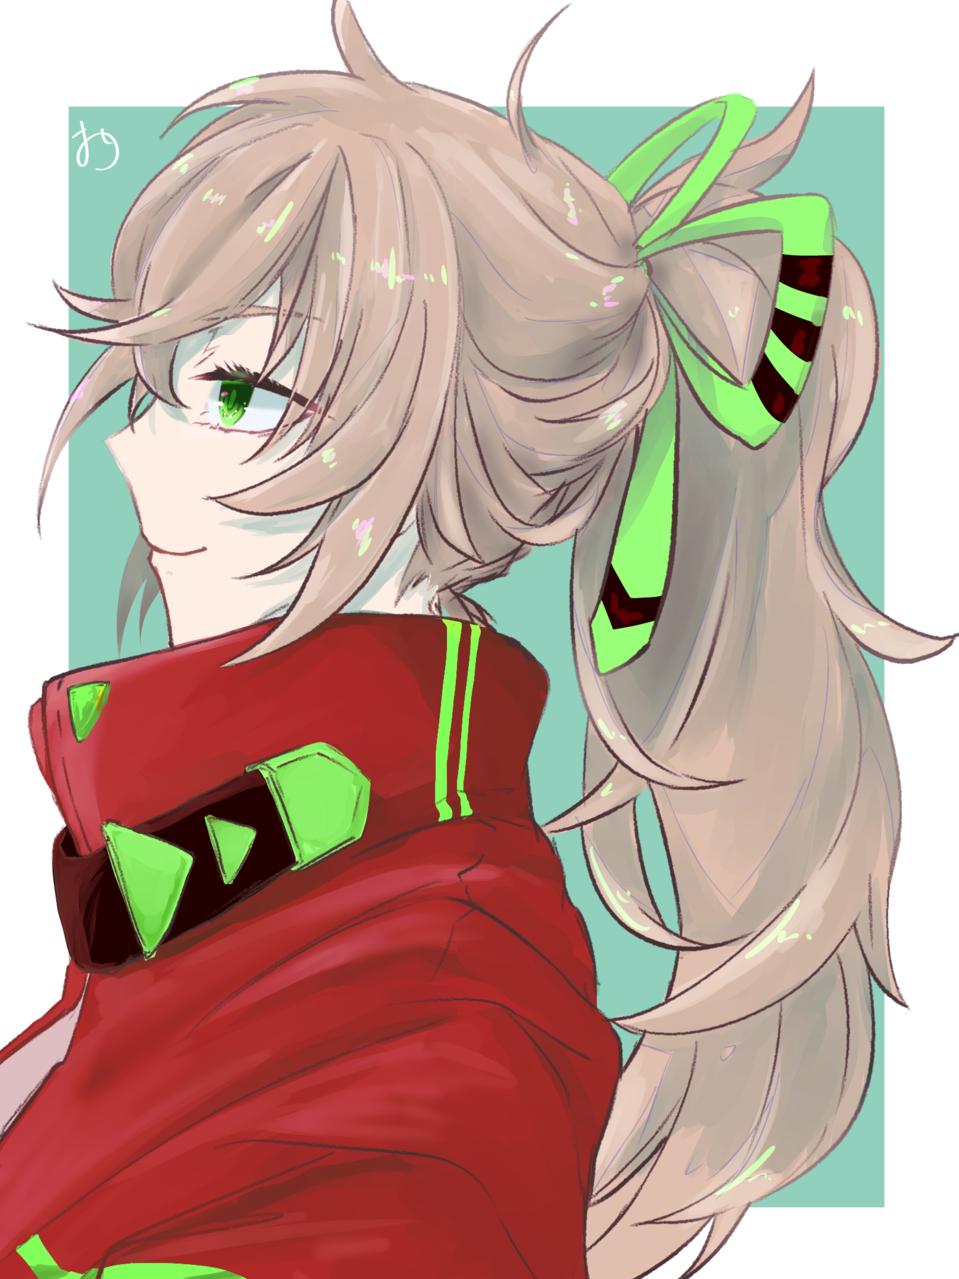 Illust of おり January2021_Contest:OC original oc